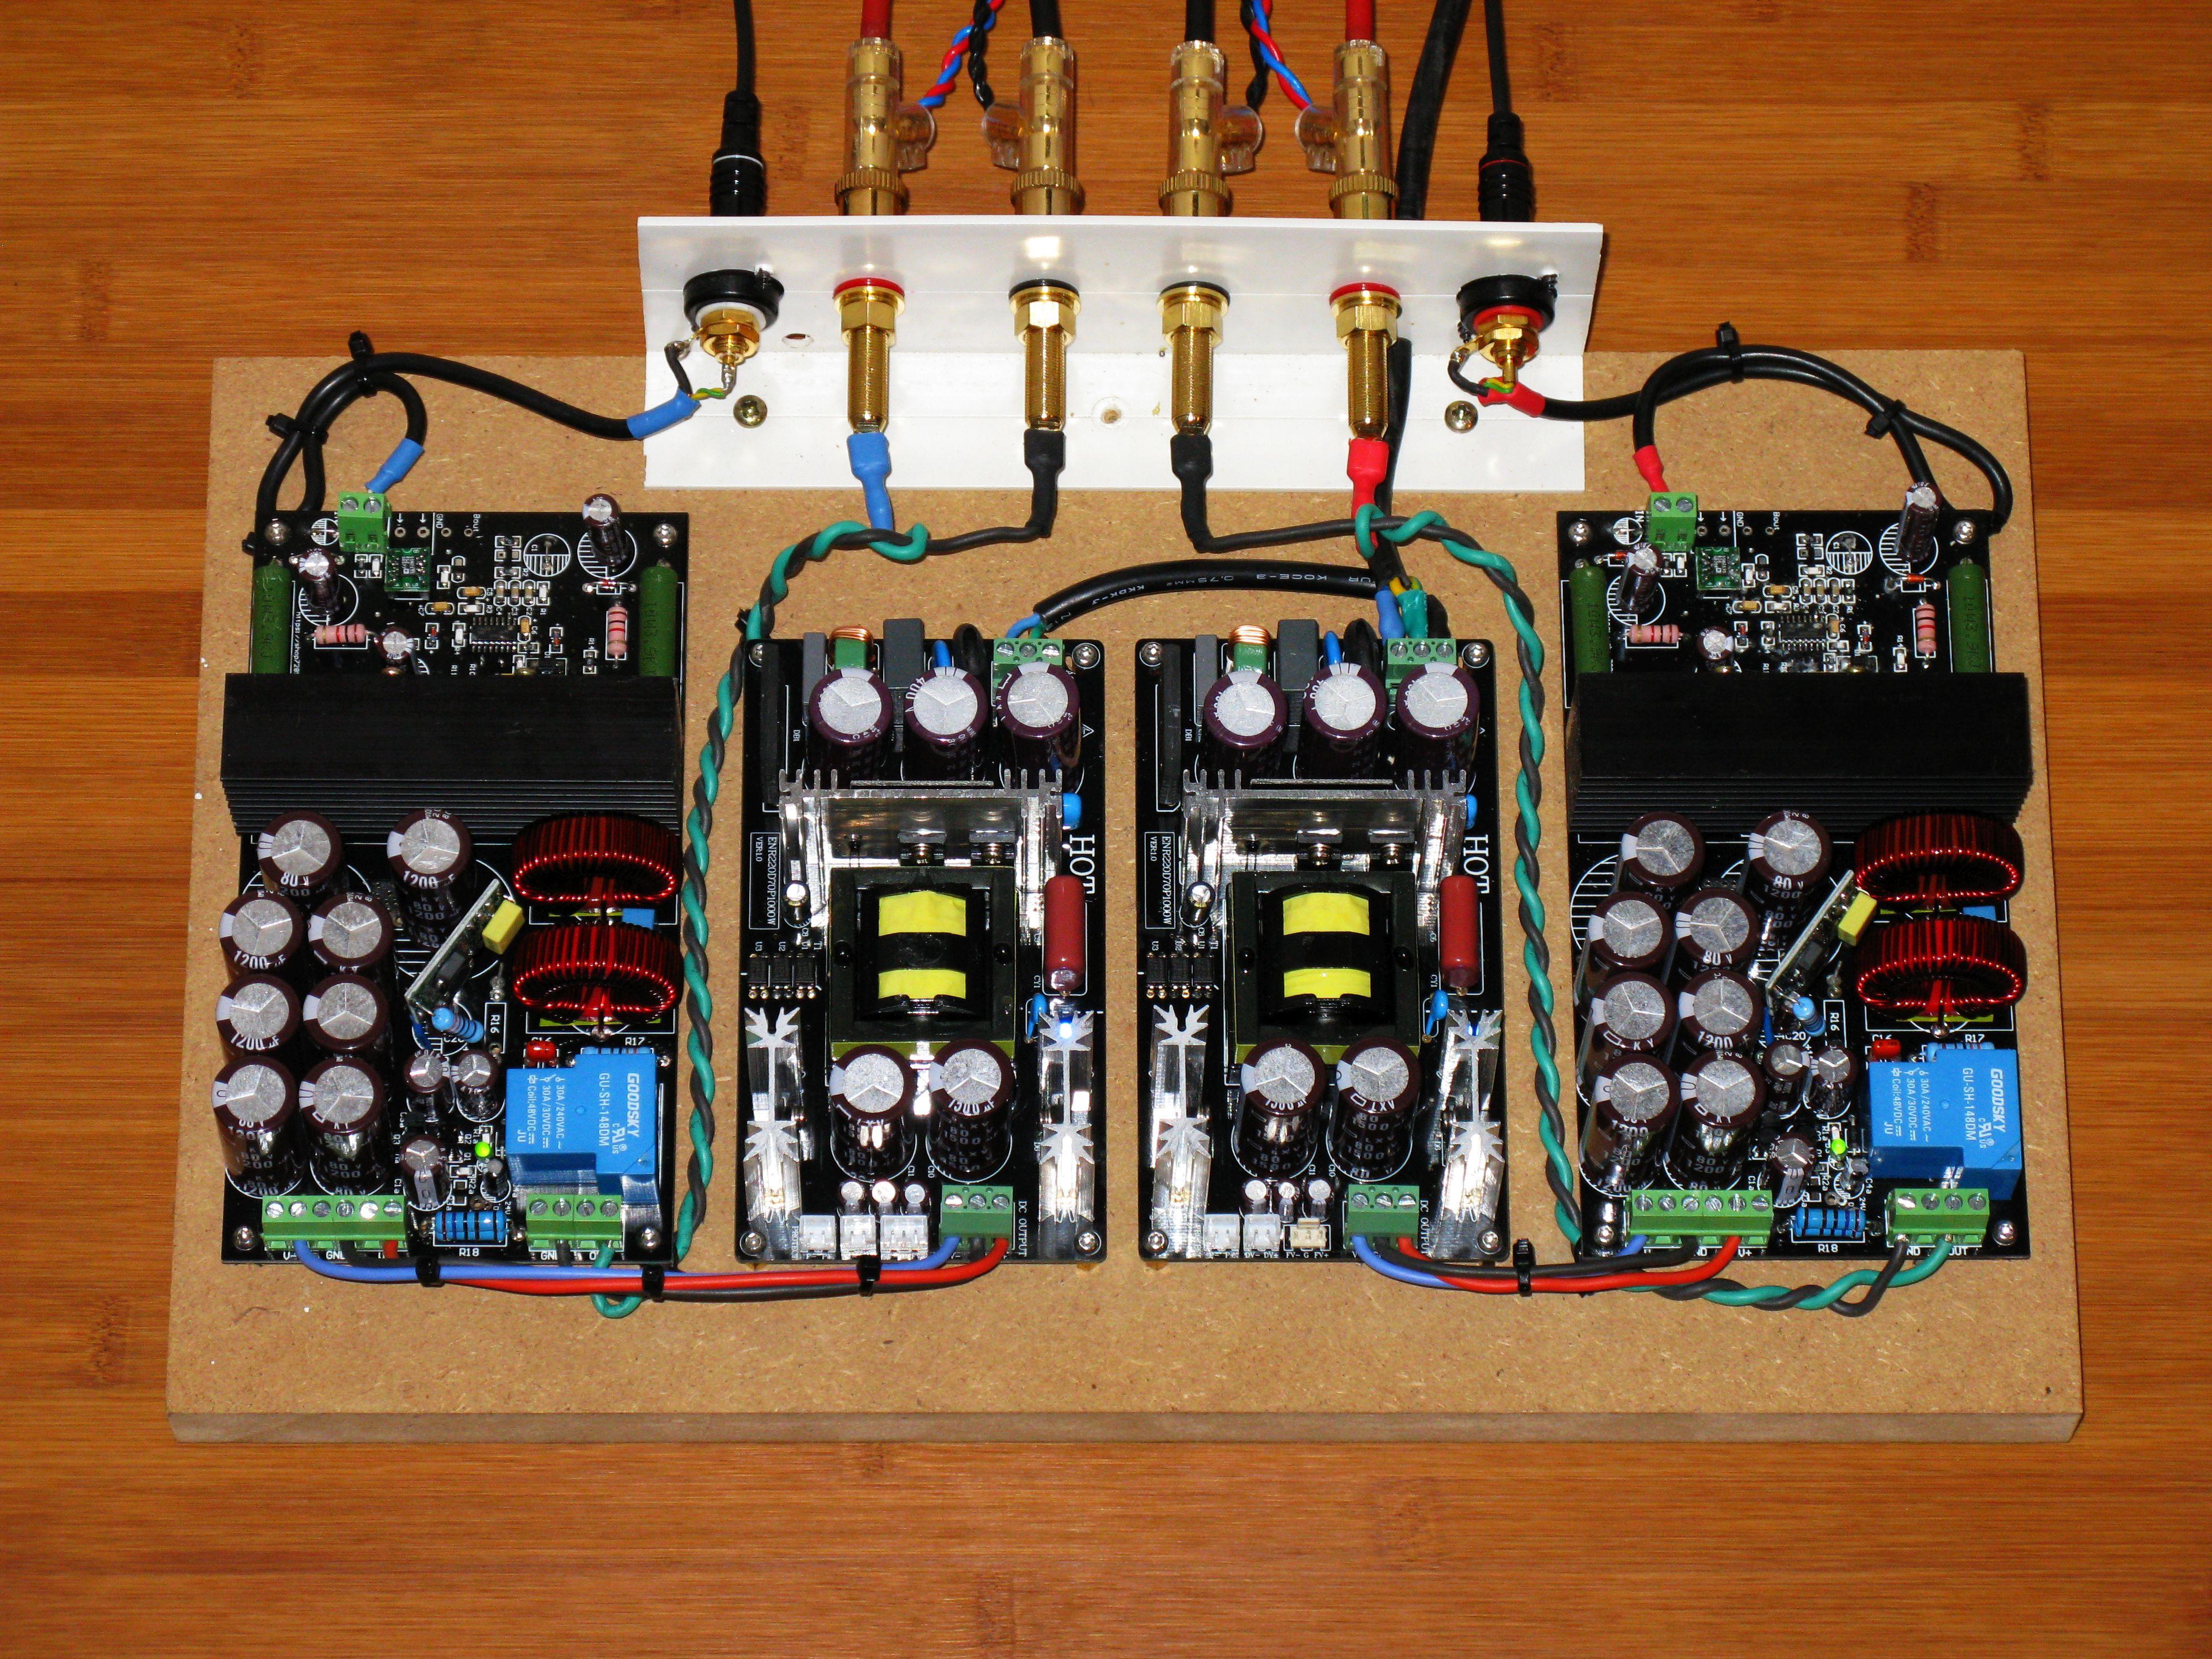 L15d Und Strker Digital Audio Amp Mit Irs2092 Archiv Seite 14 Stk Ic 60w Diy Hifi Forum